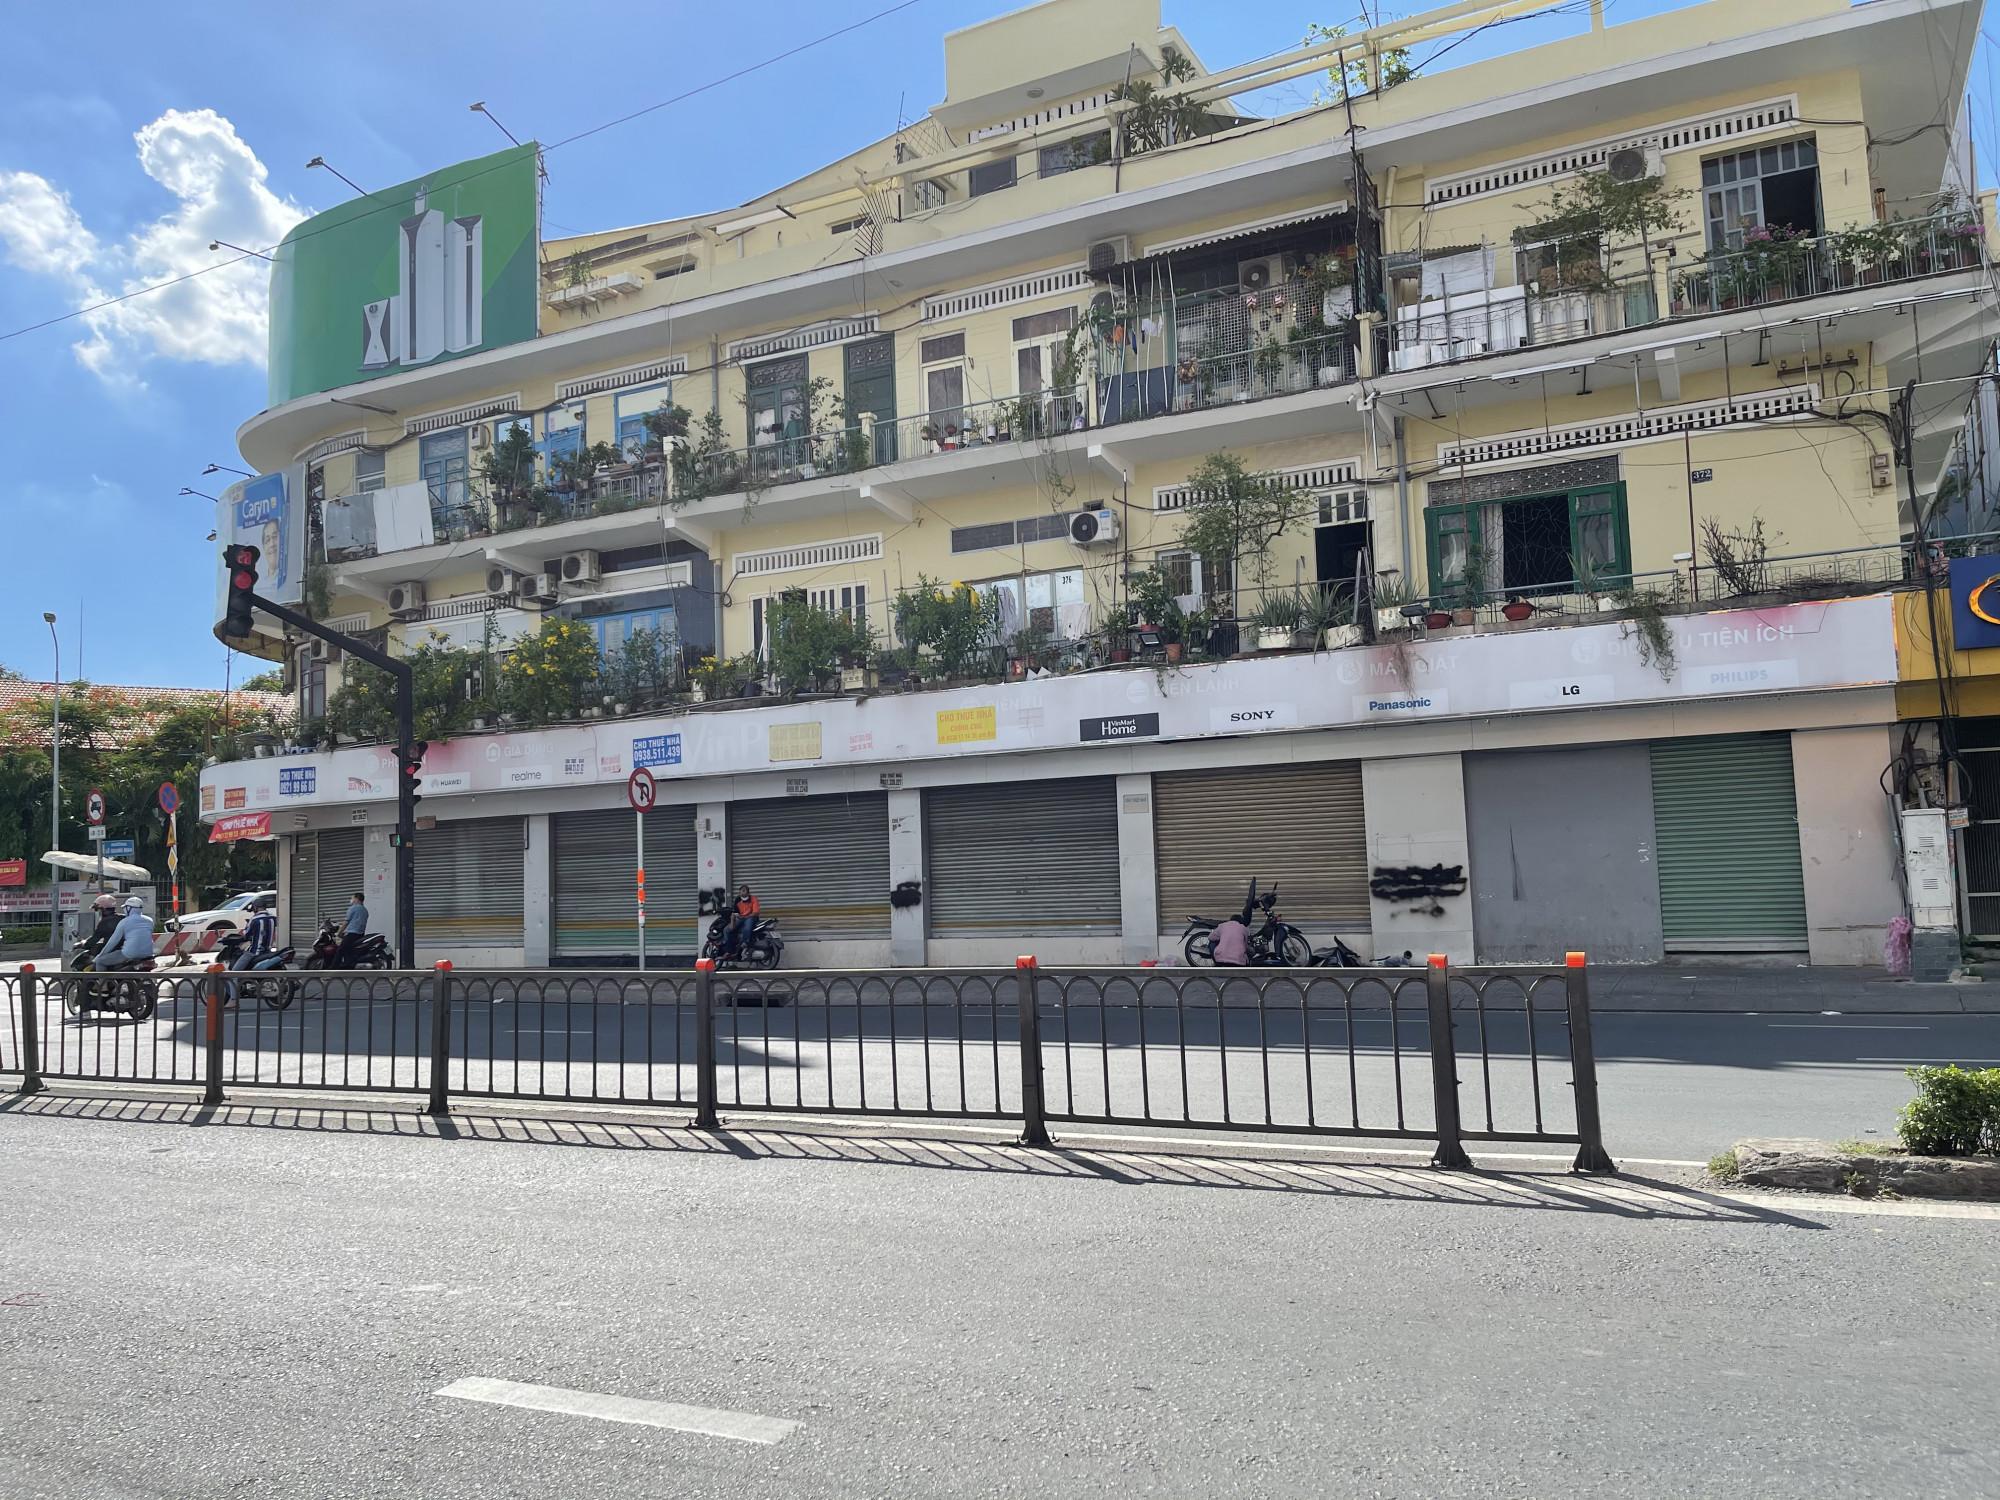 Không riêng khu CBD, nhà phố mặt tiền cho thuê tại các quận ngoài trung tâm như quận 11, Tân Bình, Tân Phú cũng không hoàn toàn hồi phục, do giá thuê không cao nhưng chịu chung tác động từ dịch bệnh mà nhiều mặt bằng kinh doanh tại các tuyến đường trên khu vực này đều đang phải điều chỉnh tiếp tục giảm giá thêm từ 5-10% trong tháng đầu năm 2021.